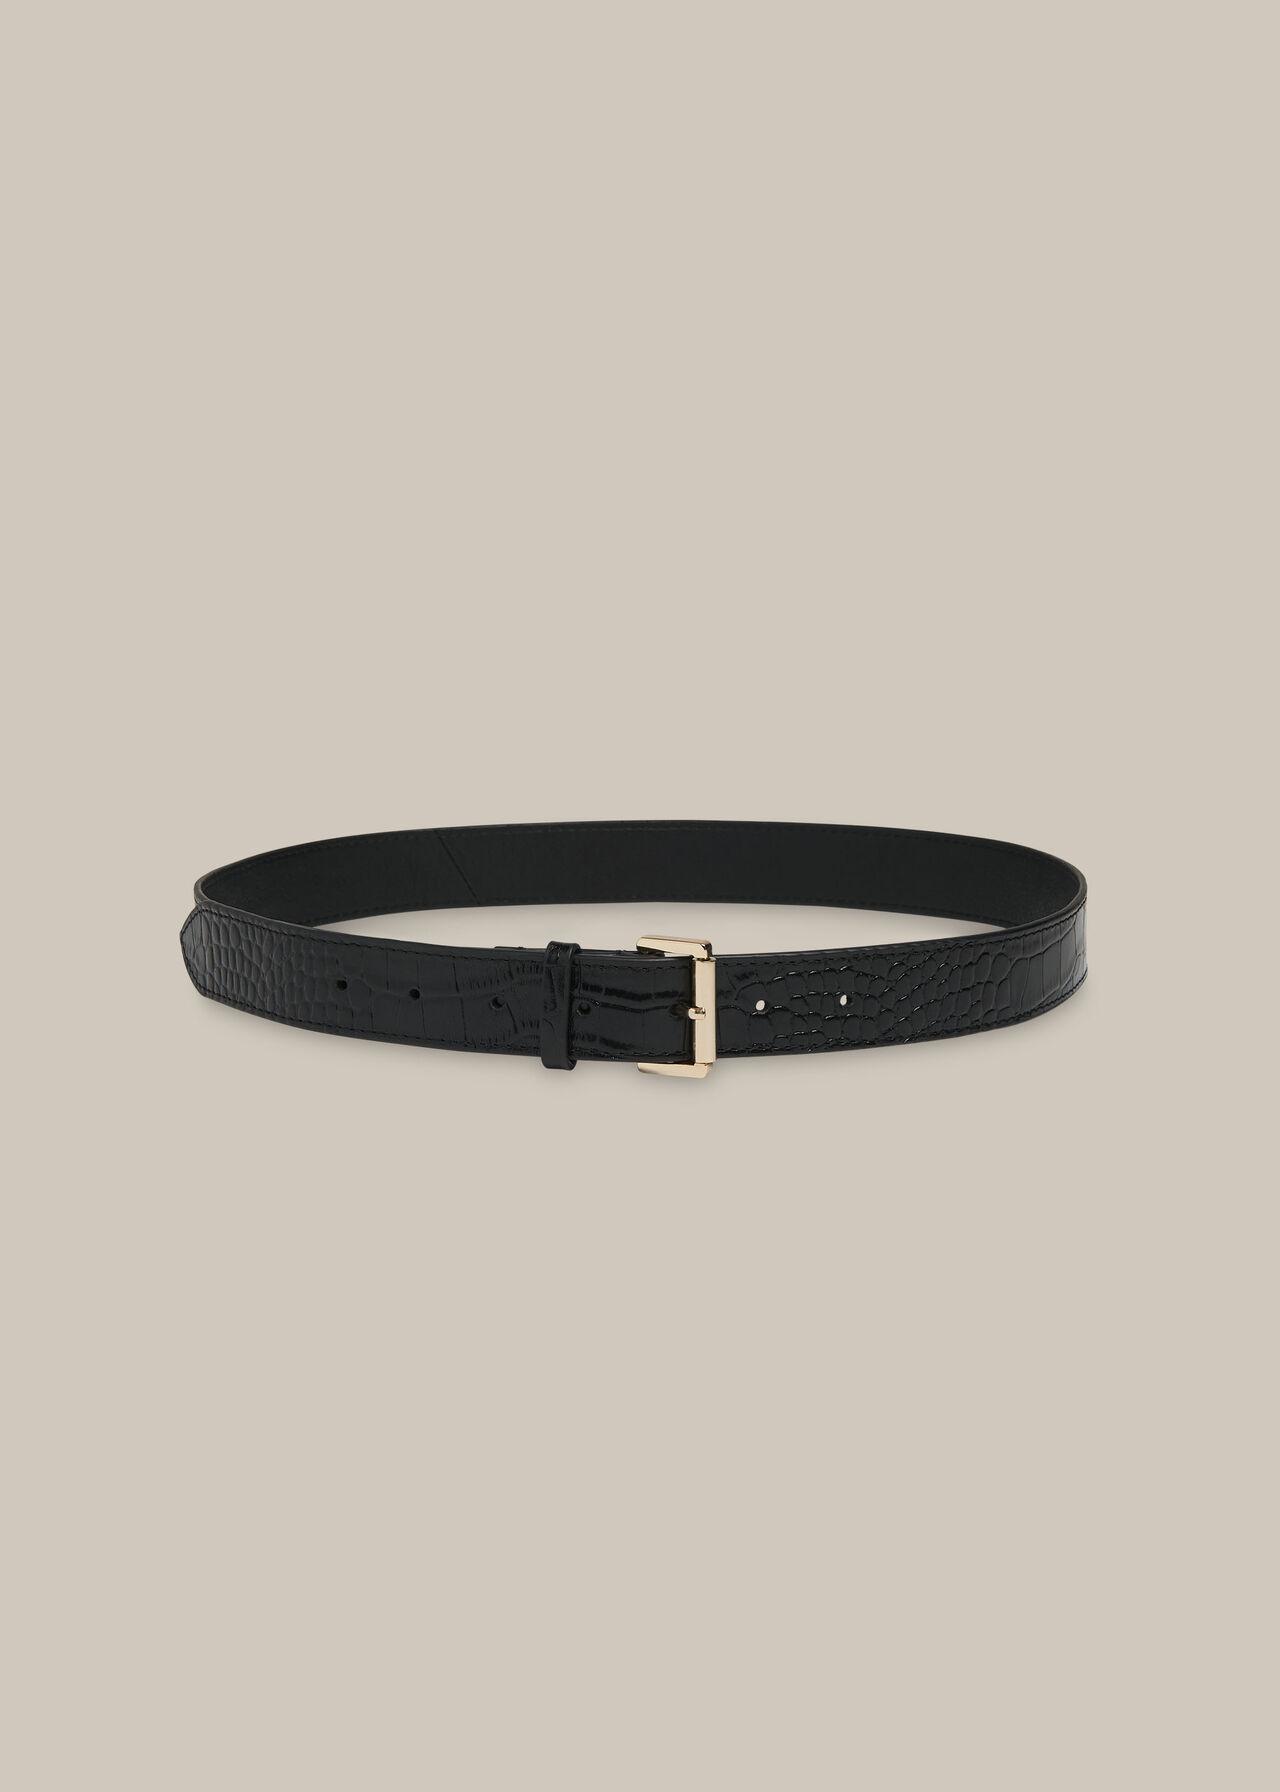 Shiny Croc Belt Black